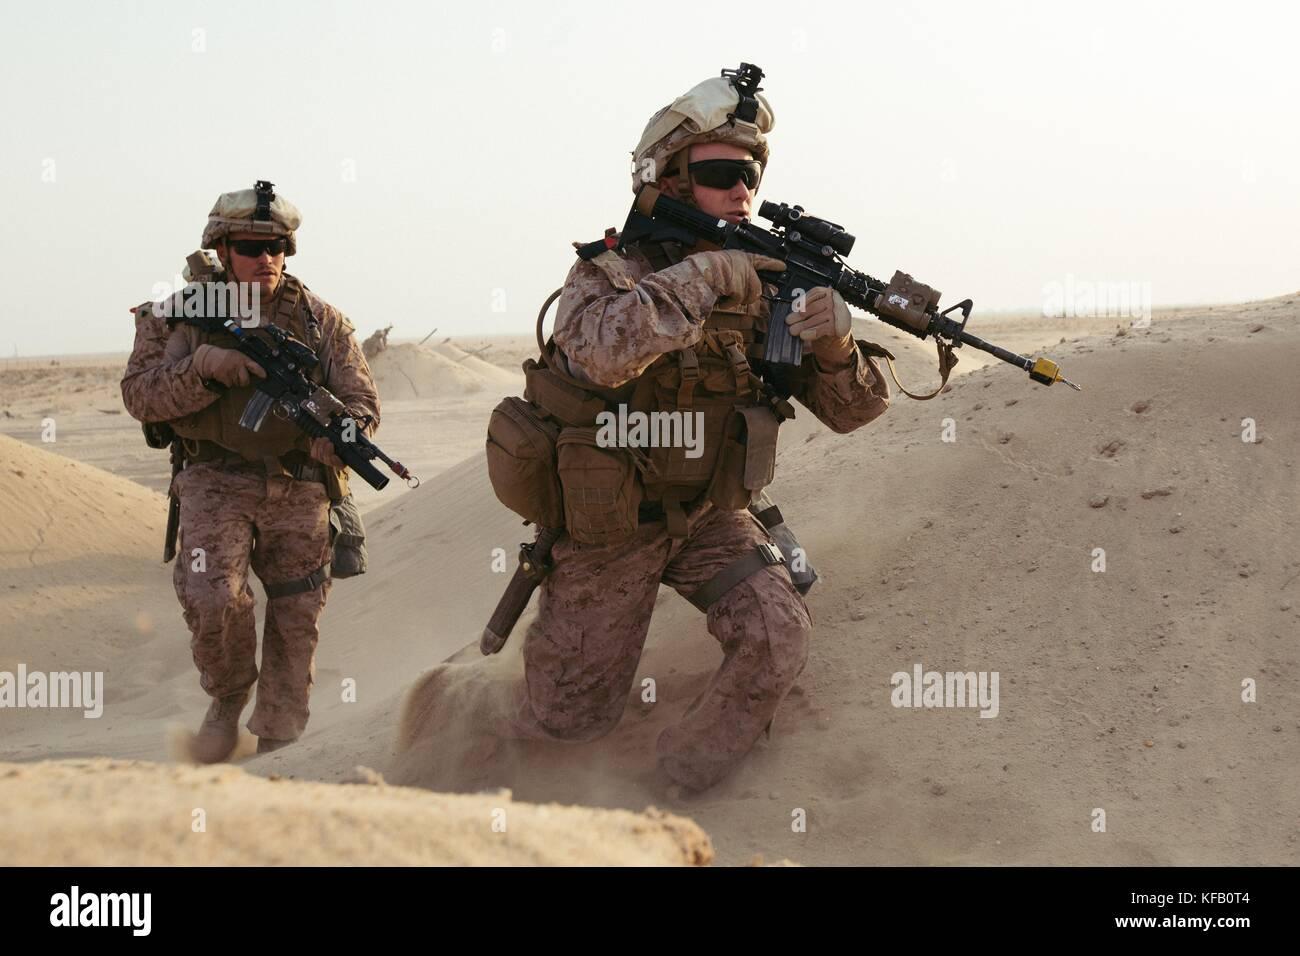 Us marine Cpl. matthew Lecompte und Lance Cpl. dulton James mit 2Nd Battalion, 7Th marine Regiment in Richtung simulierte Unfälle während der Ausbildung in den Nahen Osten, Oct. 10, 2017 Sie sind Mitglieder einer schnellen Eingreiftruppe, die in der Lage ist, die Reaktion auf die Entwicklung von Situationen kurzfristig ist. Marines mit 2/7 wurden beauftragt, eine qrf durchzuführen, um schnell simulierten Unfall wiederherstellen und in Sicherheit zu nehmen. Dies war die erste Übung 2/7 Nach dem Austausch 1 Bataillon durchgeführt, 7. marine Regiment im US Central Command Bereich der Operationen. (Foto von Cpl. jocelyn Ontiveros über pl Stockfoto